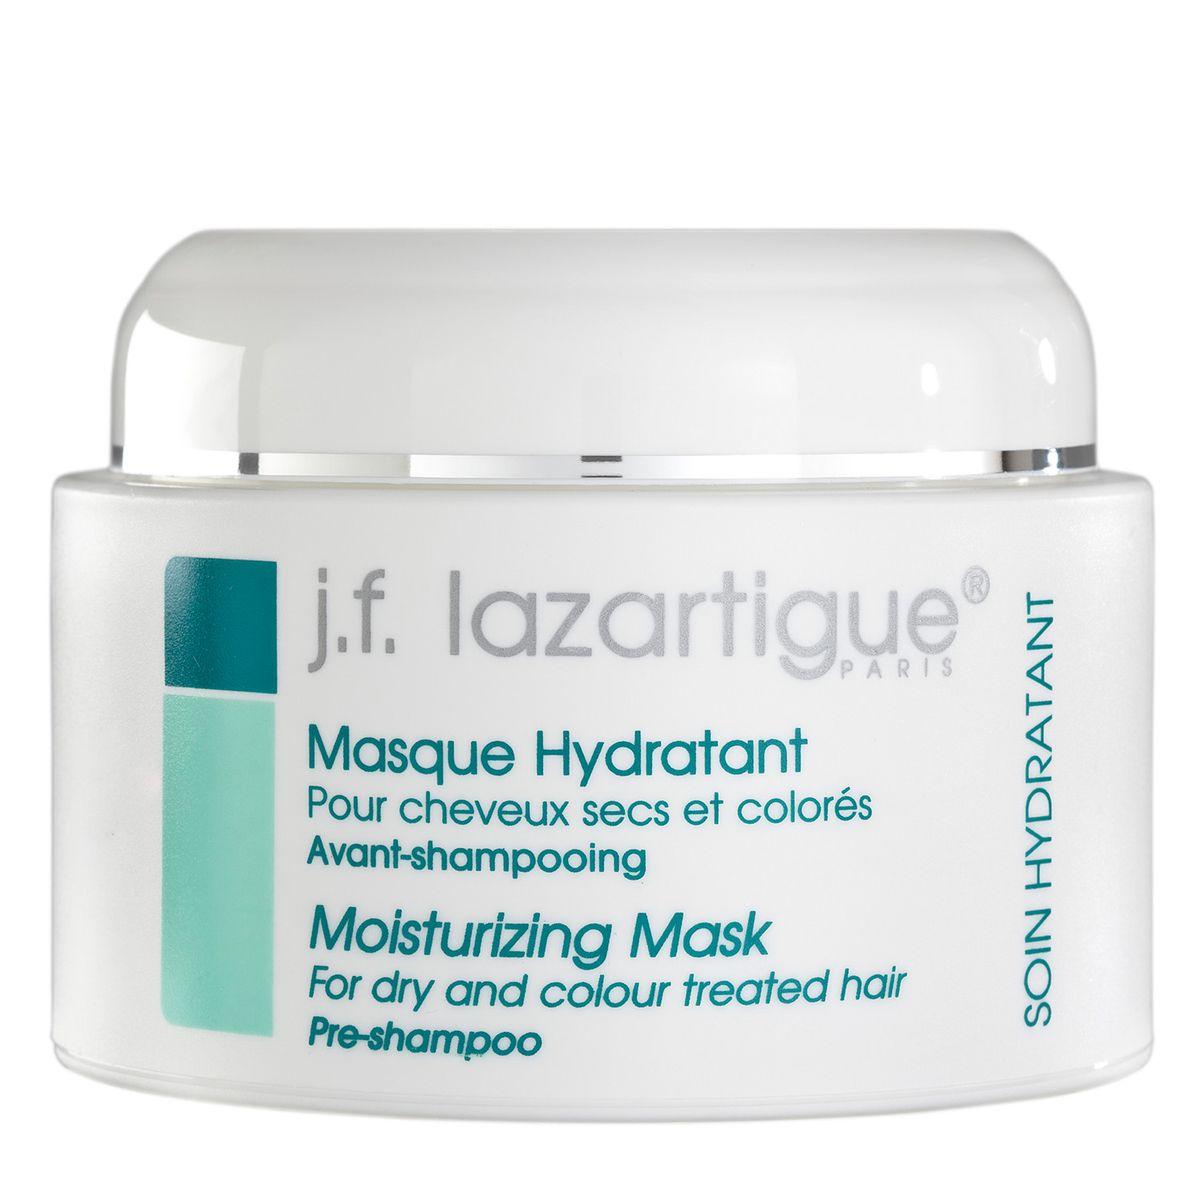 J.F.Lazartigue Увлажняющая маска 250 мл1613484Маска ухаживает за волосами и кожей головы, восстанавливает поврежденные структуры, увлажняет, защищает, оказывает стимулирующее действие. Обеспечивает освежающий эффект в течение всего дня, предотвращает спутывание волос, снимает их наэлектризованность, восстанавливает блеск. Волосы становятся более послушными и легче укладываются. Маска фиксирует и поддерживает действие красящего пигмента. Цвет окрашенных волос становится ярче, они сияют обновленным блеском и остаются пышными.